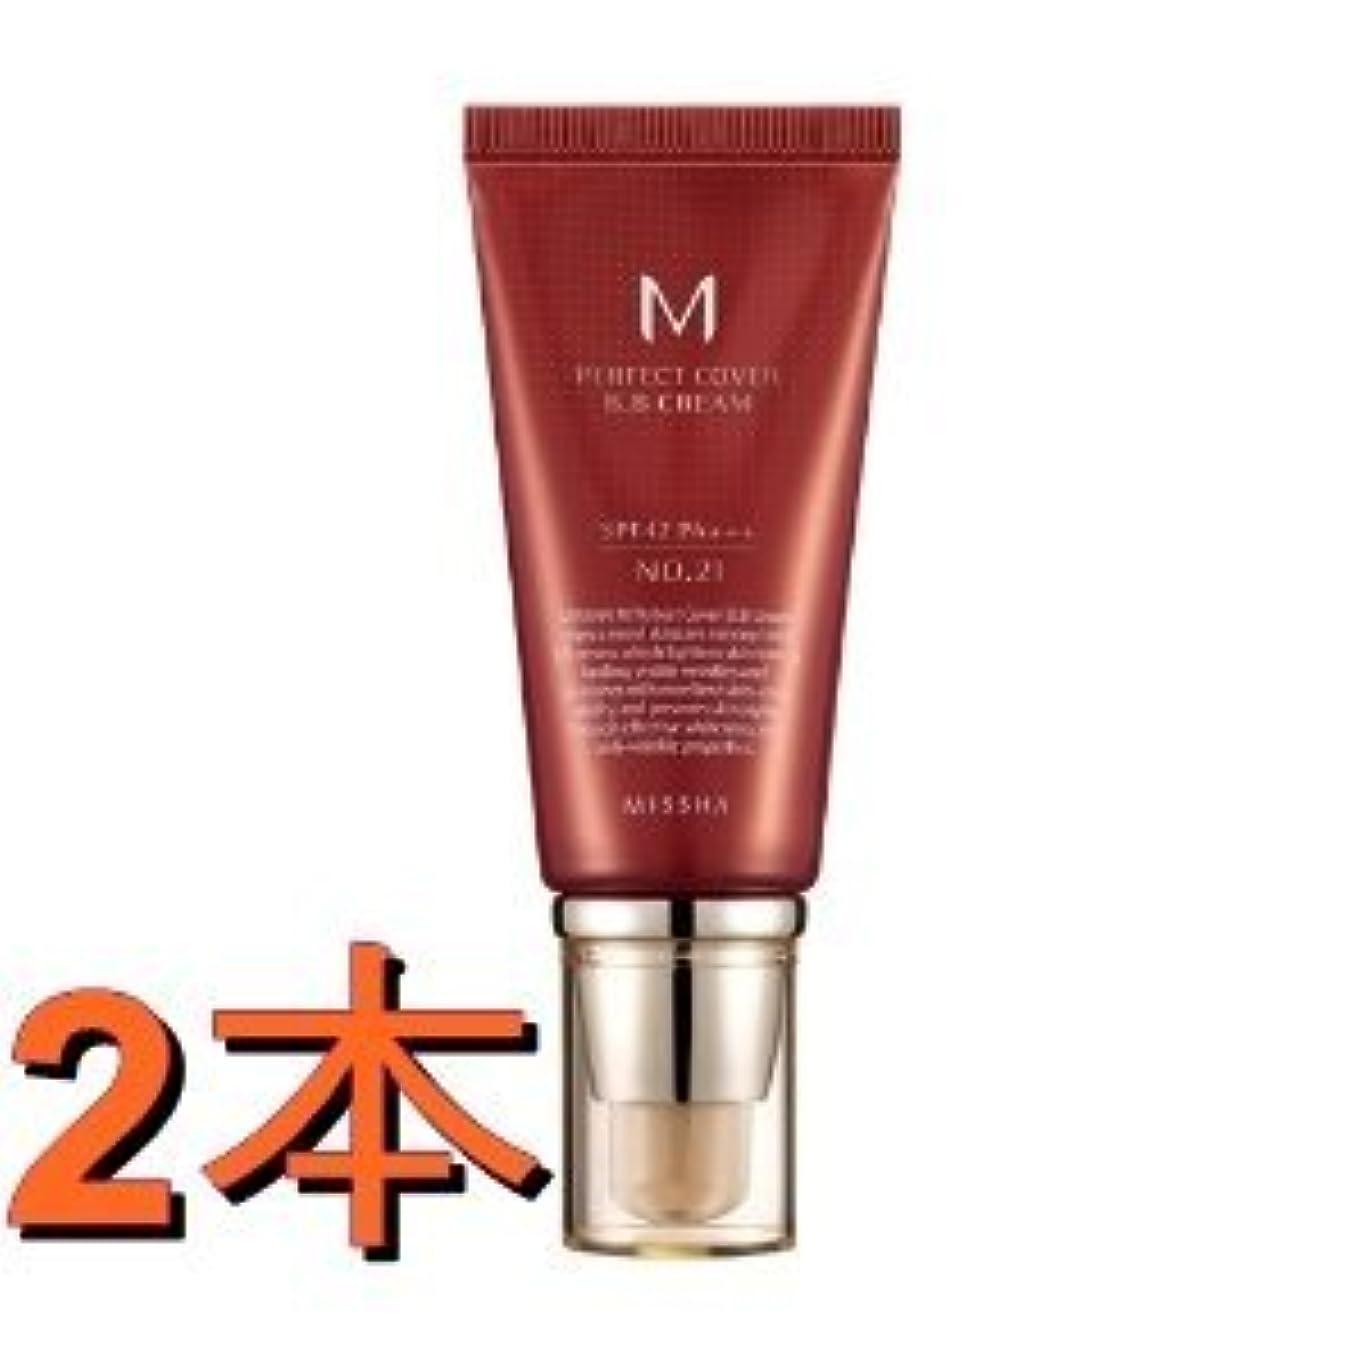 いつか分泌する面白いミシャ(MISSHA) M パーフェクトカバー BB クリーム 2本セット NO.23 (ナチュラルでおちつきのある肌色) SPF42 PA++ 50ml[並行輸入品]